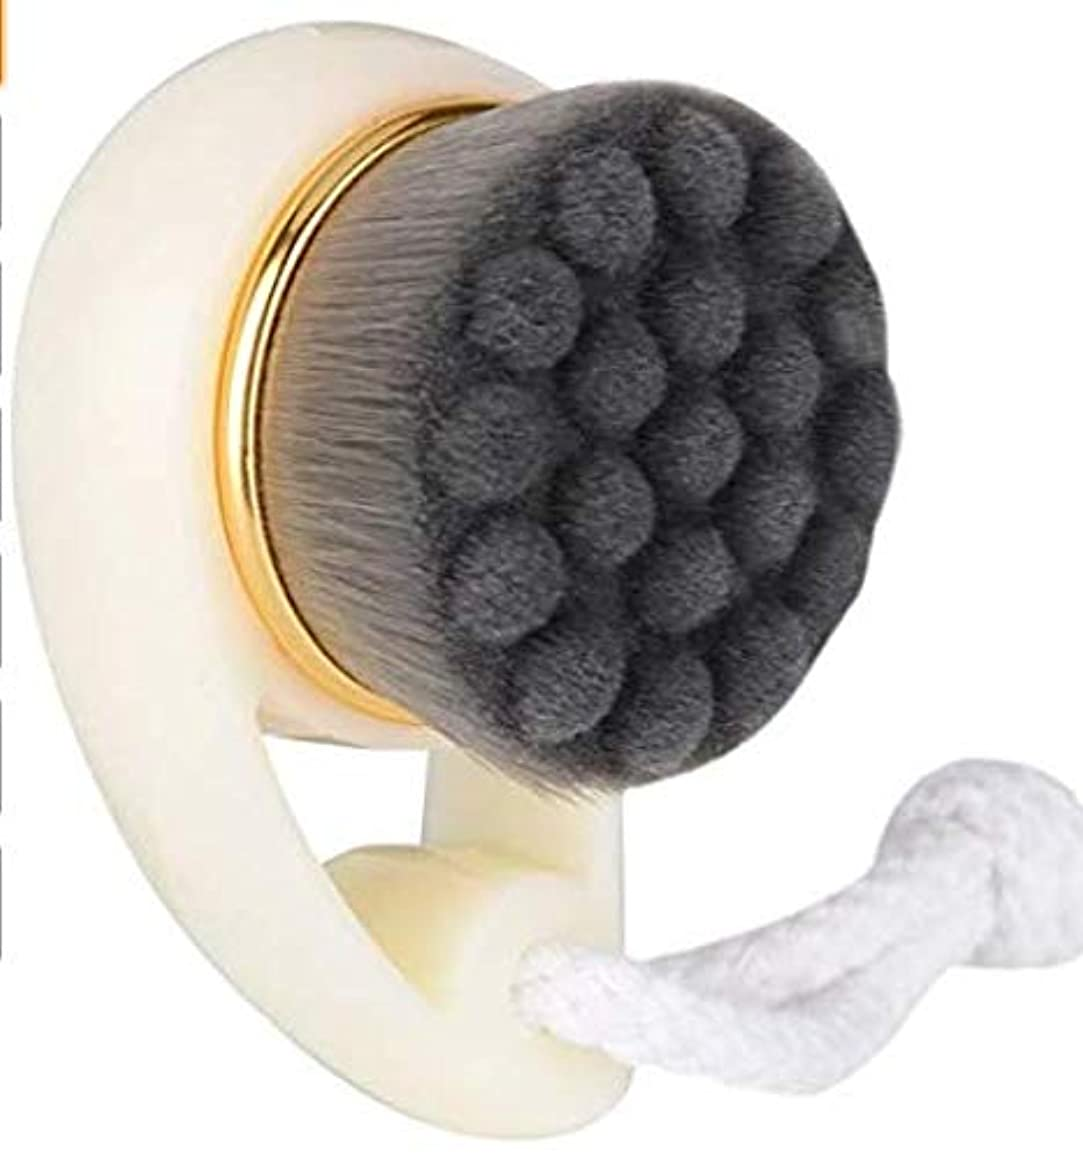 添加剤ほのめかす市の花化粧ブラシ、手動毛穴、マッサージ、美容製品、美容製品、にきび毛穴、きれいな肌、毛穴